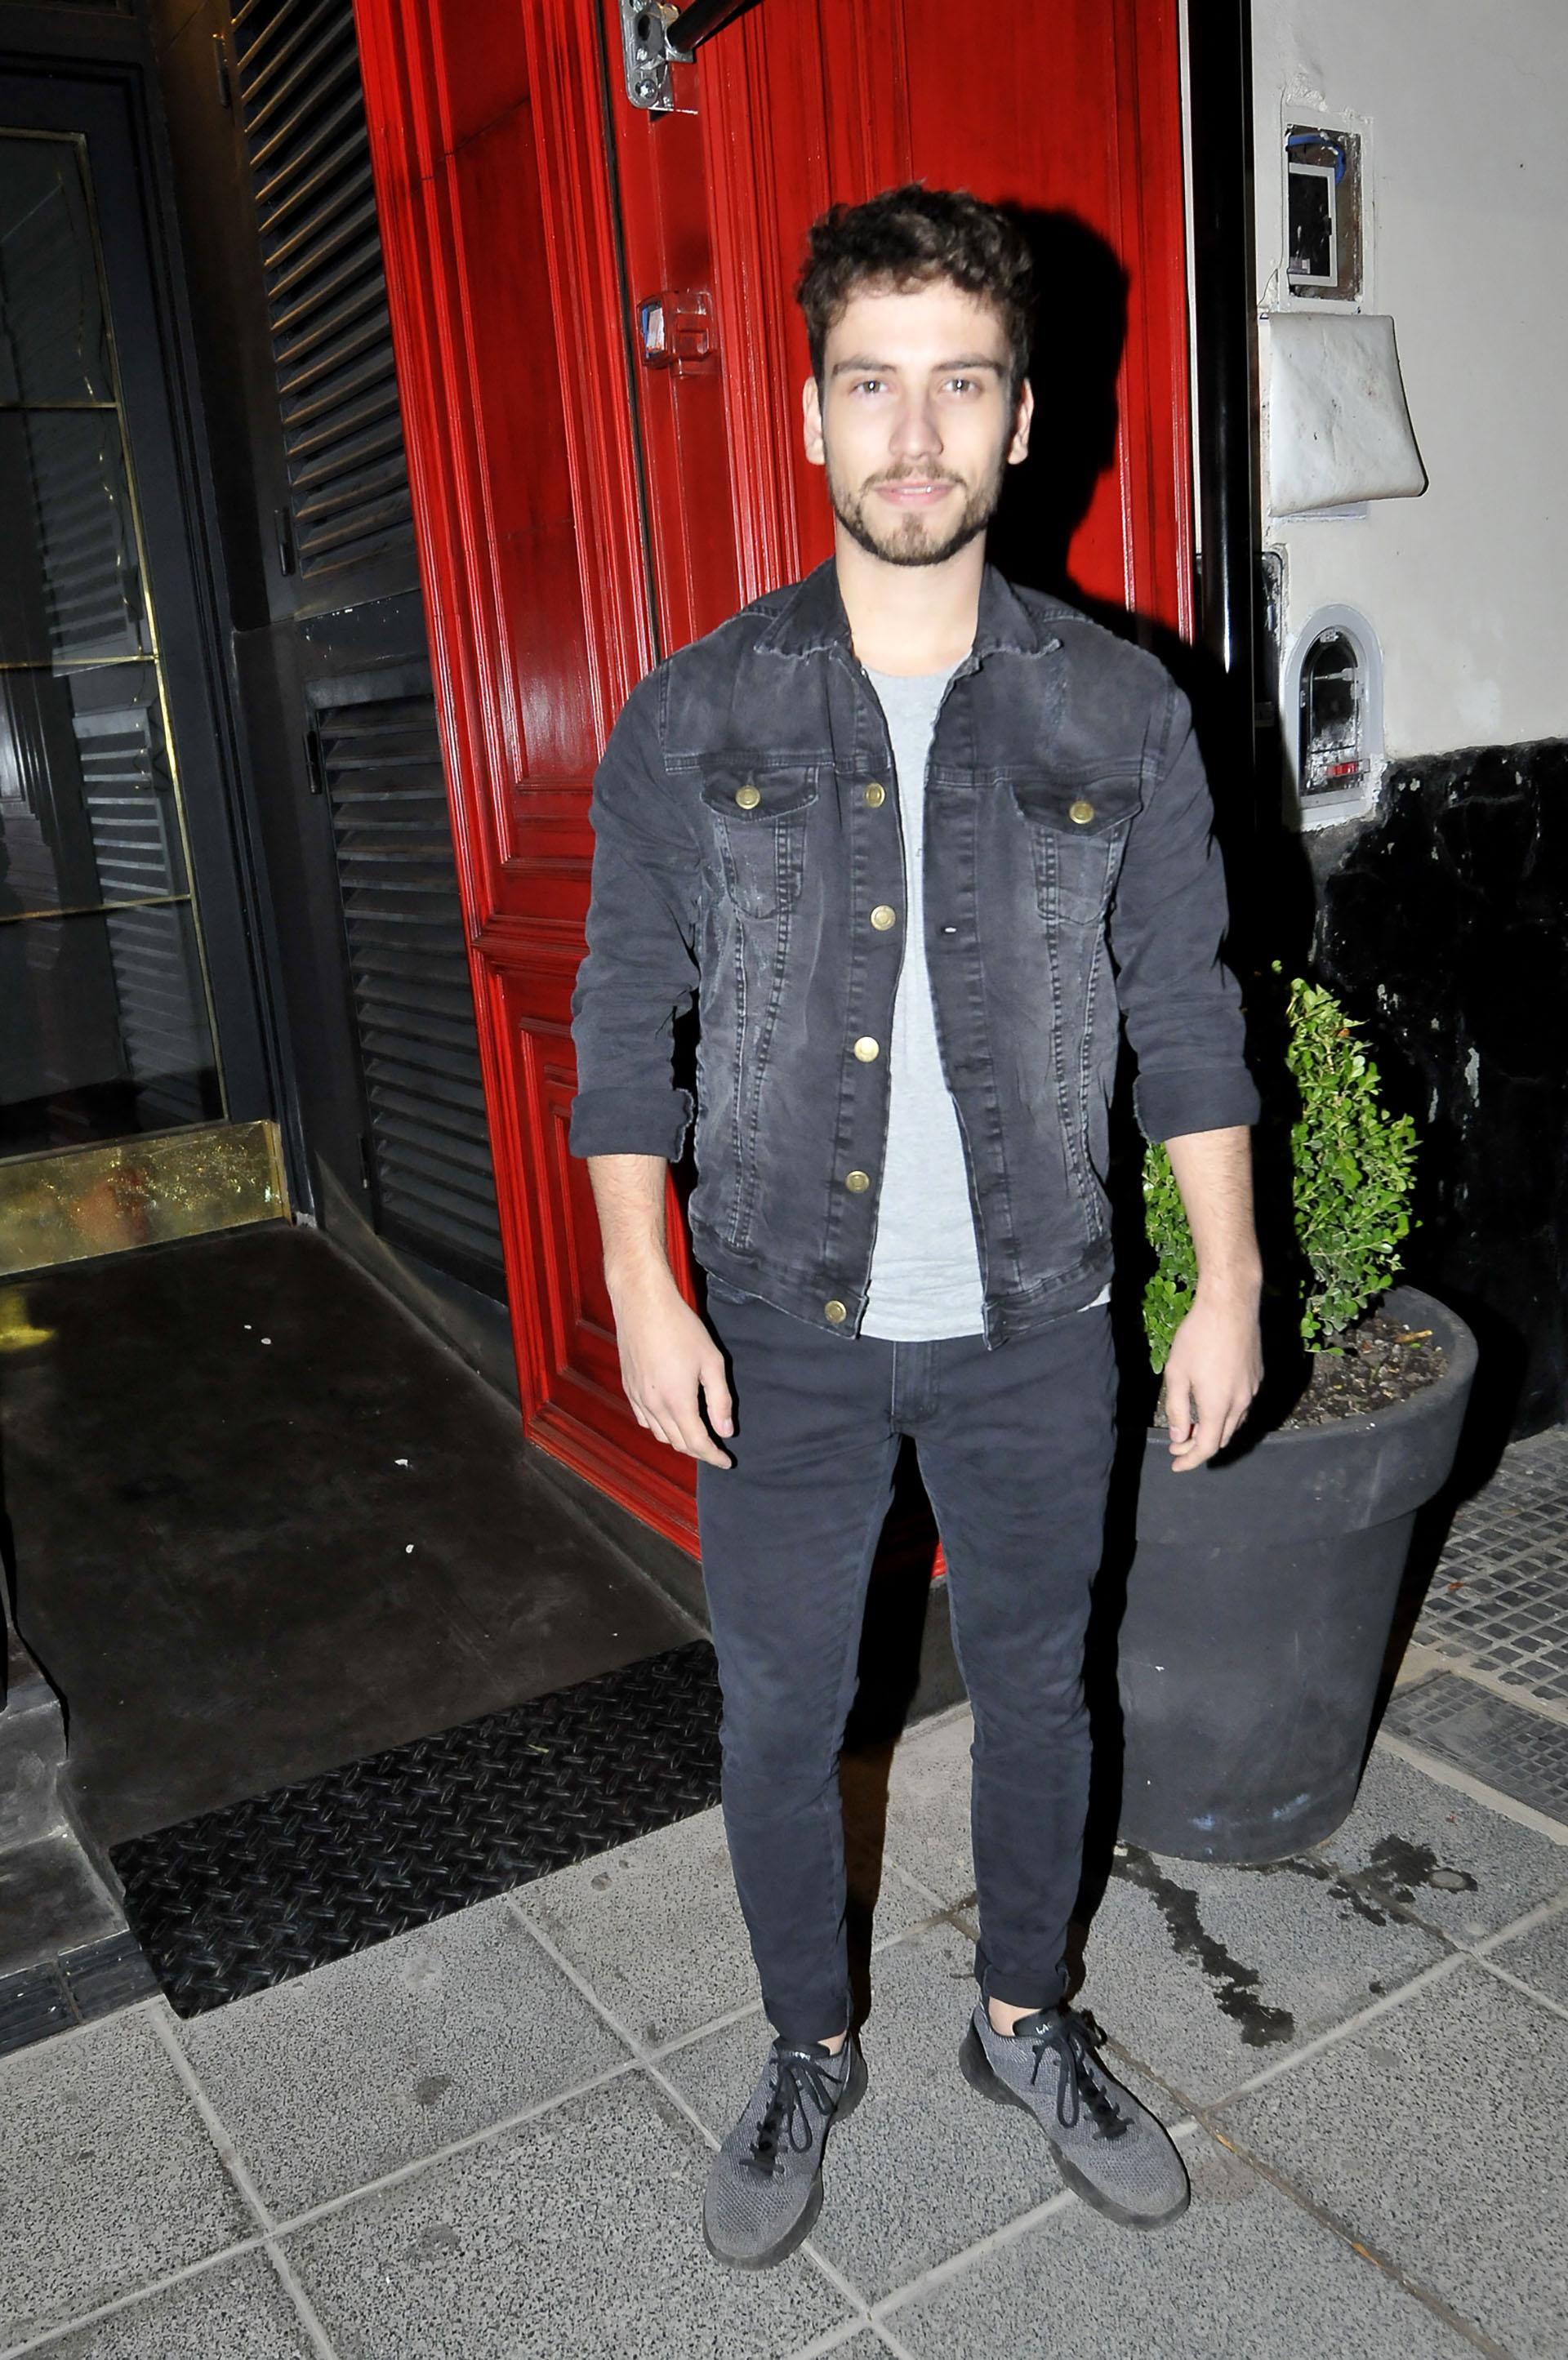 Albert Baró, el galán español, con un chupín y campera de jean negra